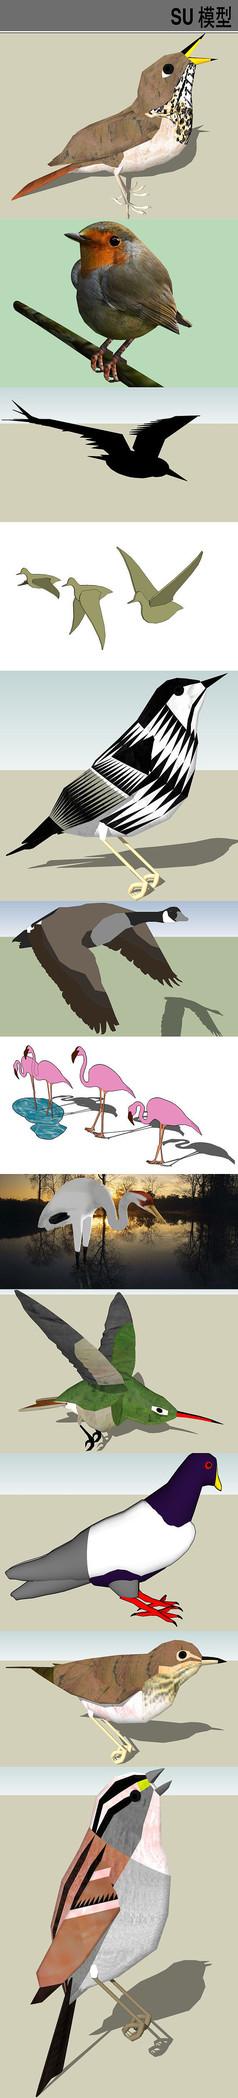 3D动物鸟类SU模型合集